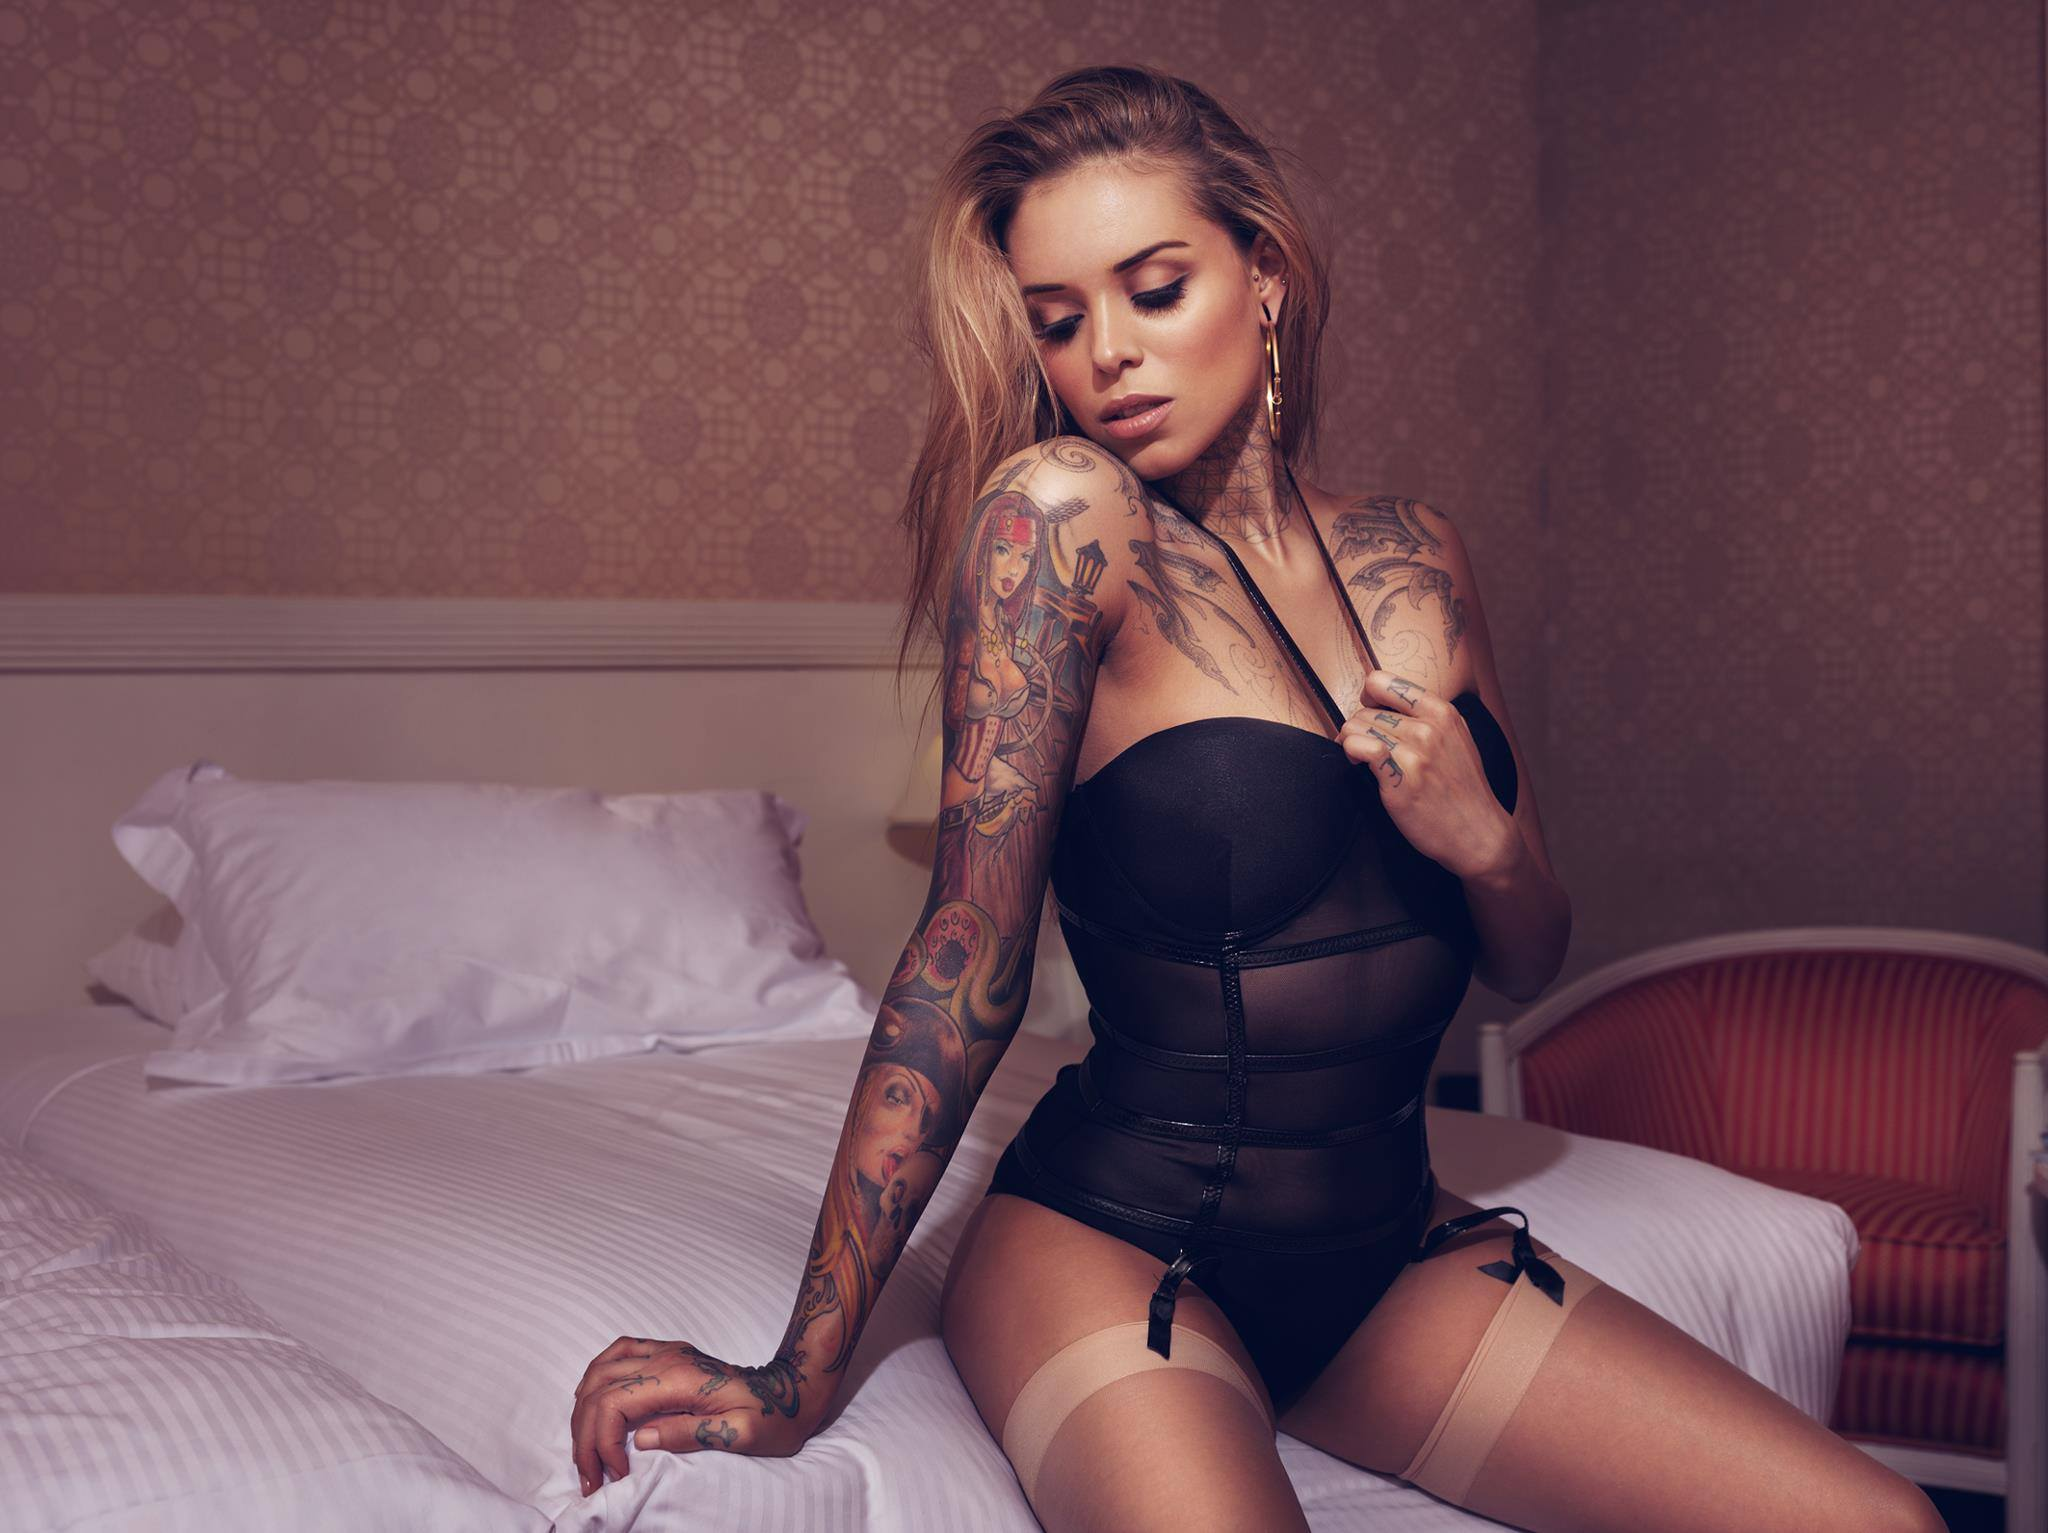 Татуировки на девках фото 5 фотография